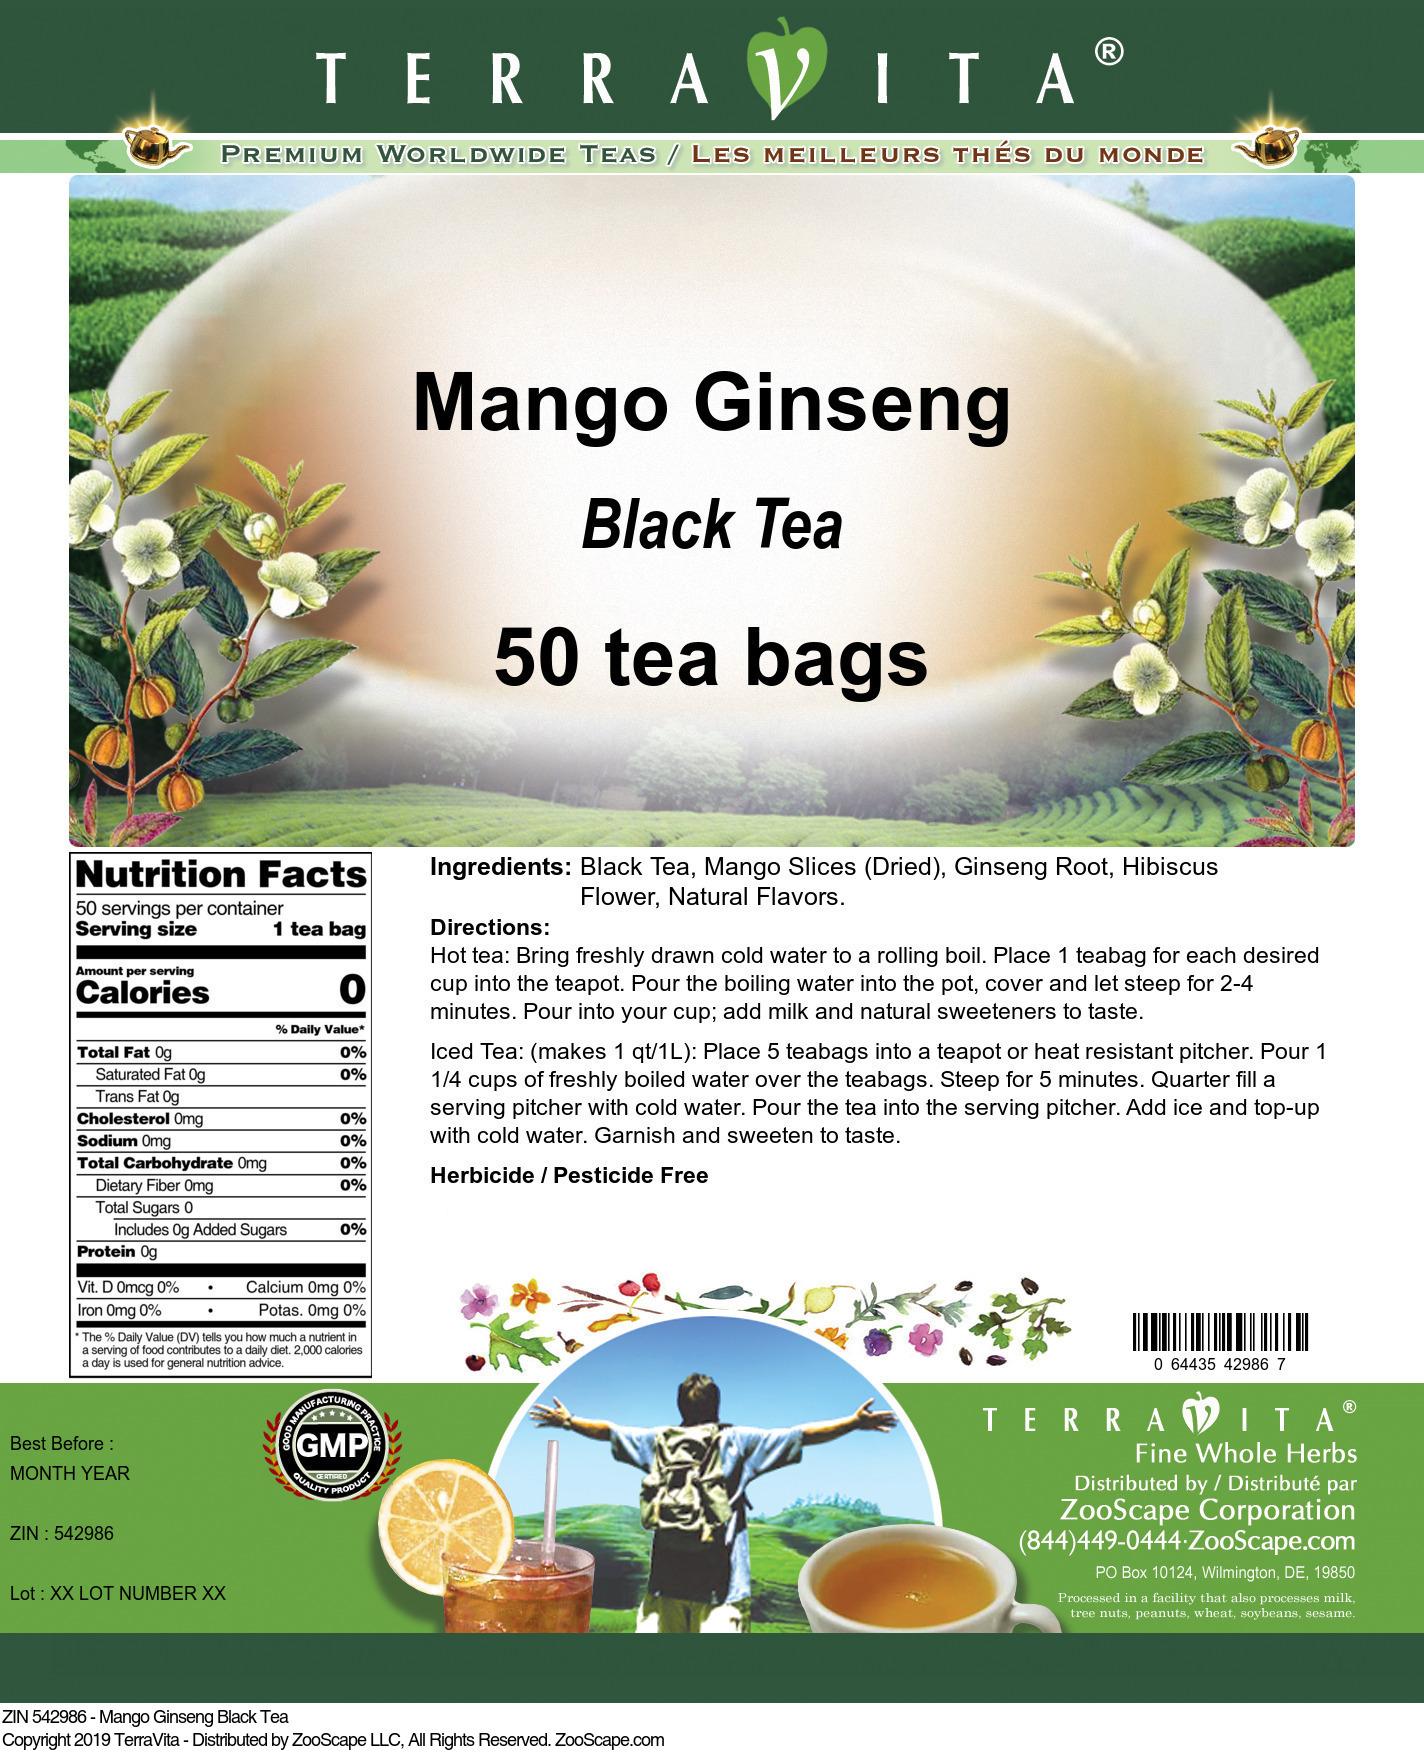 Mango Ginseng Black Tea